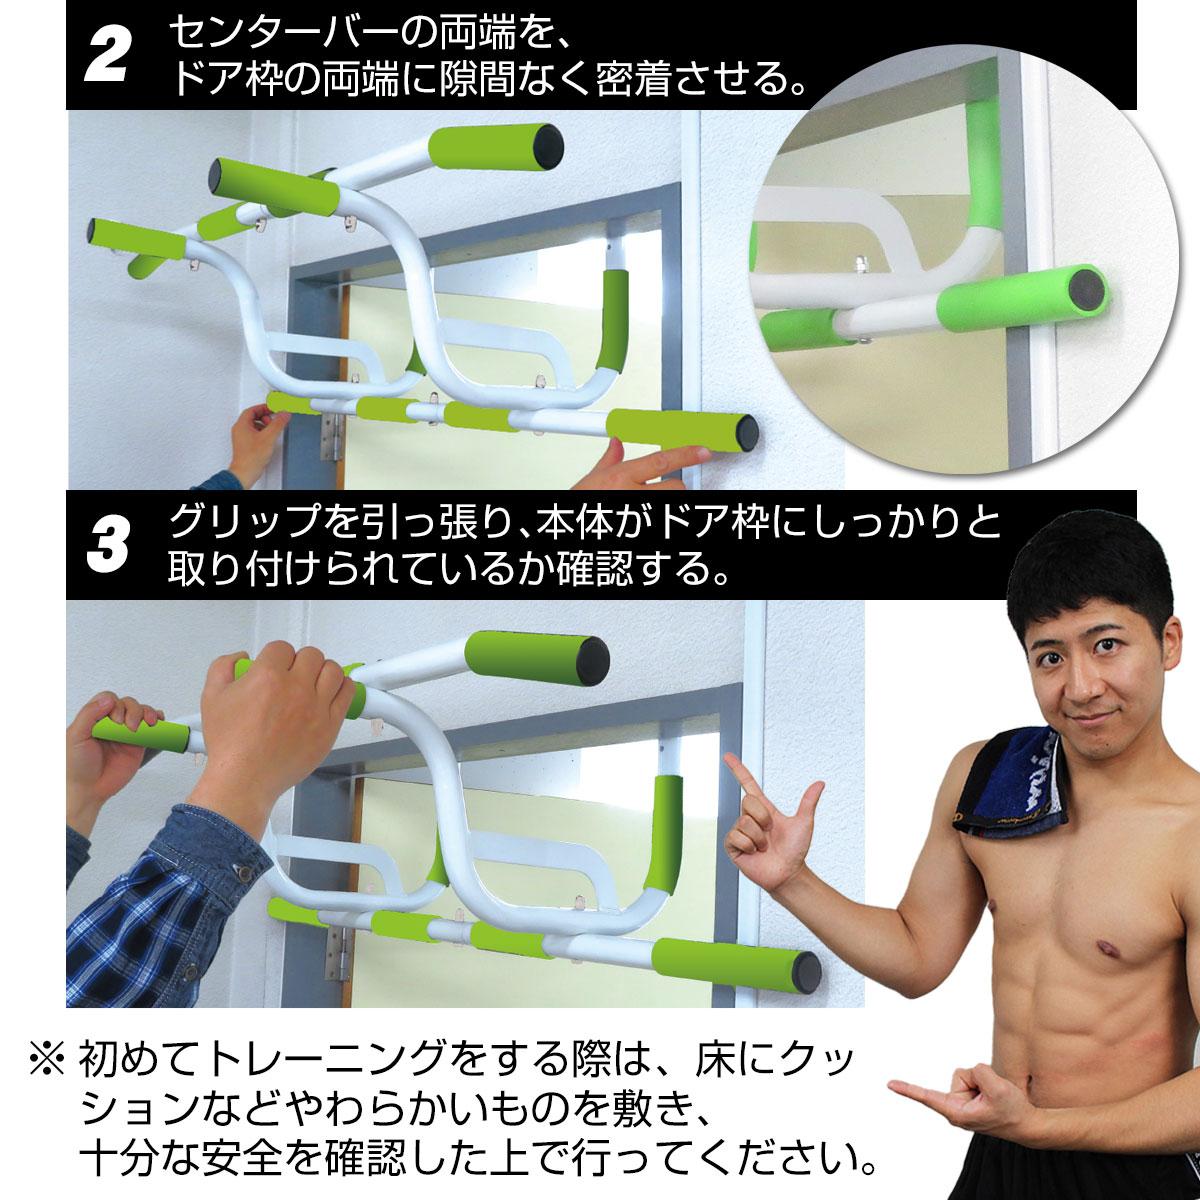 設置方法2